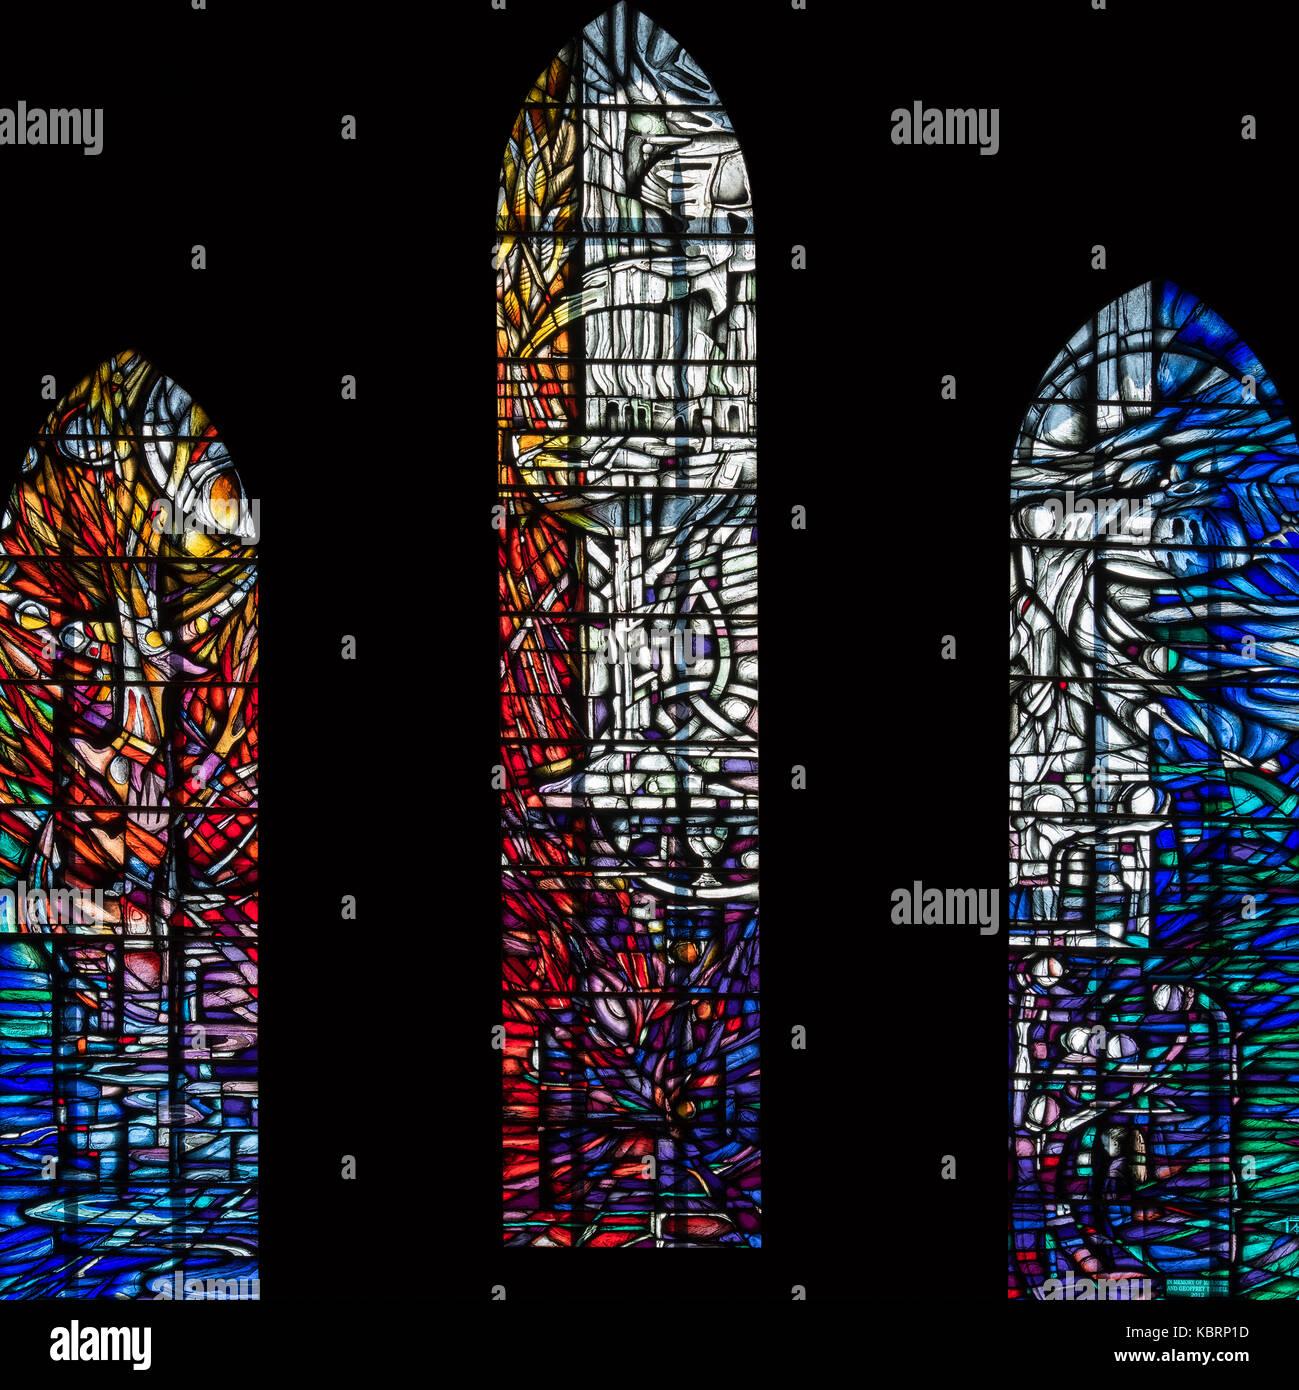 El tyrrell ventana, vidrieras simbolizando cuidar y compartir, Hexham Abbey, reino unido Imagen De Stock